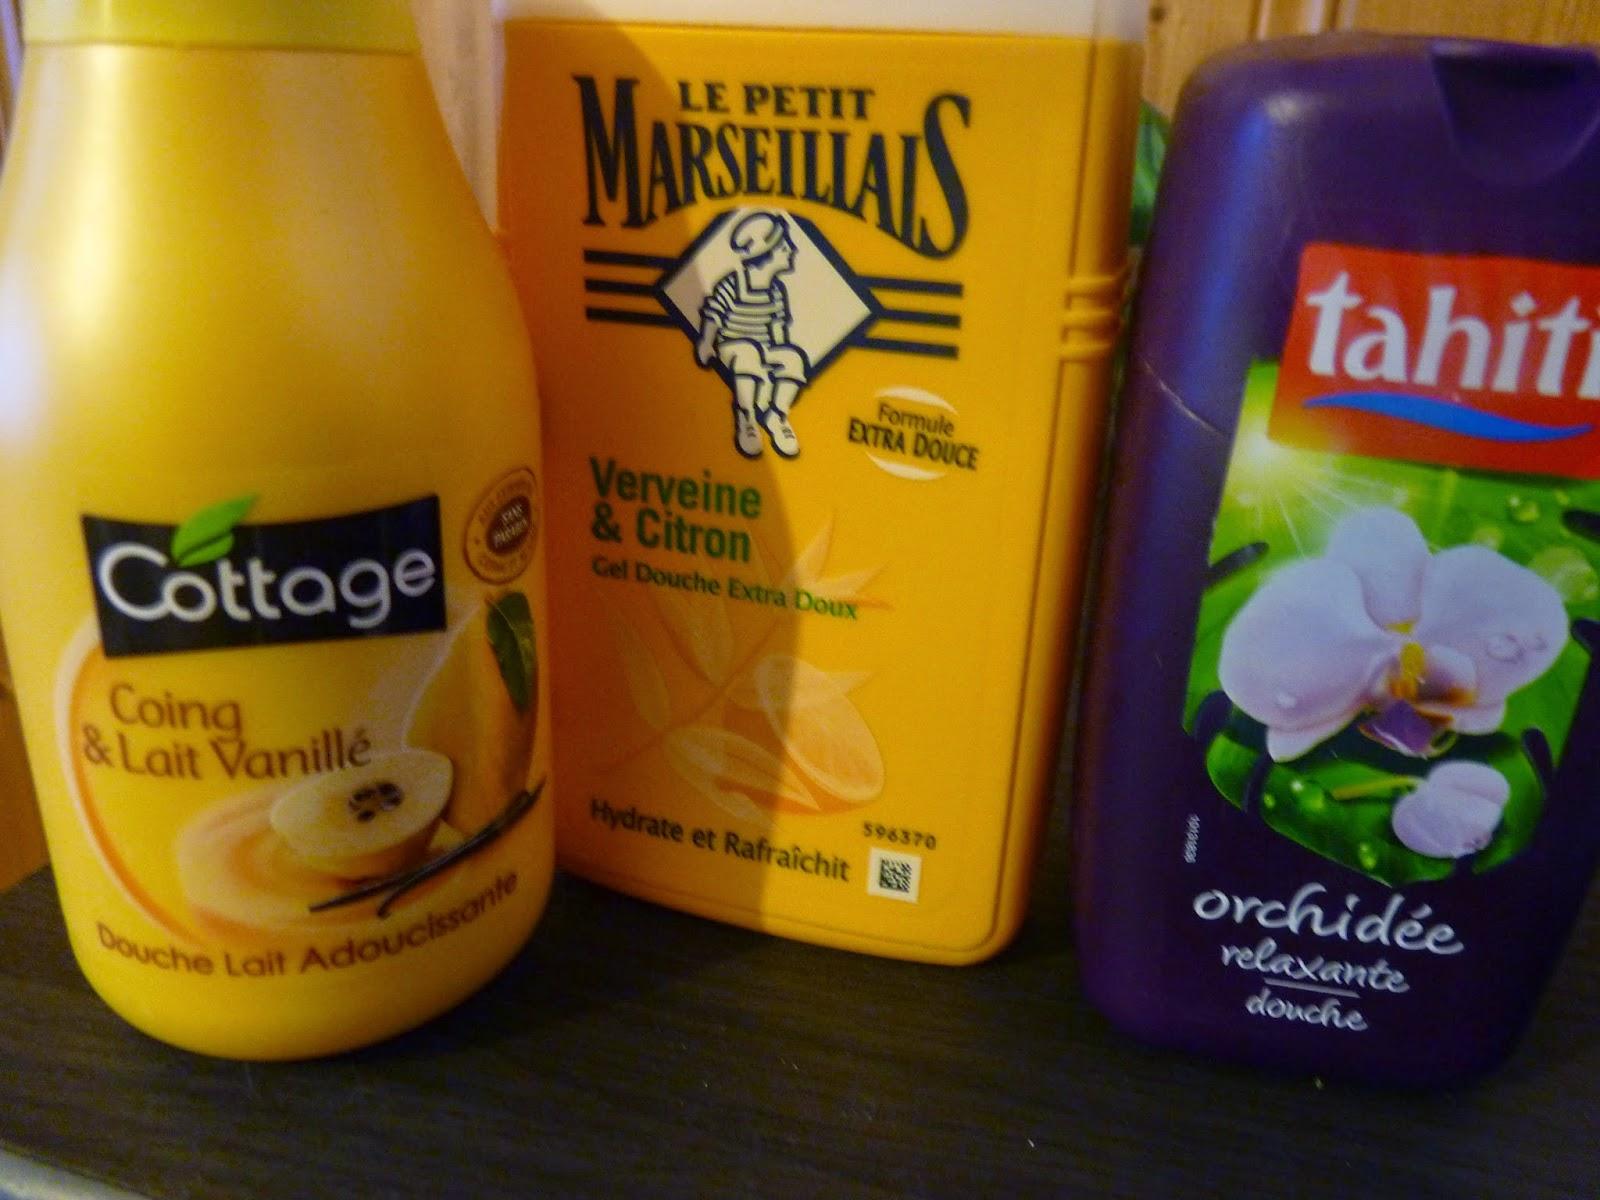 lait vanillé coing, cottage, le petit marseillais, verveine citron, orchidée, tahiti, gel douche, grande surface, petit prix